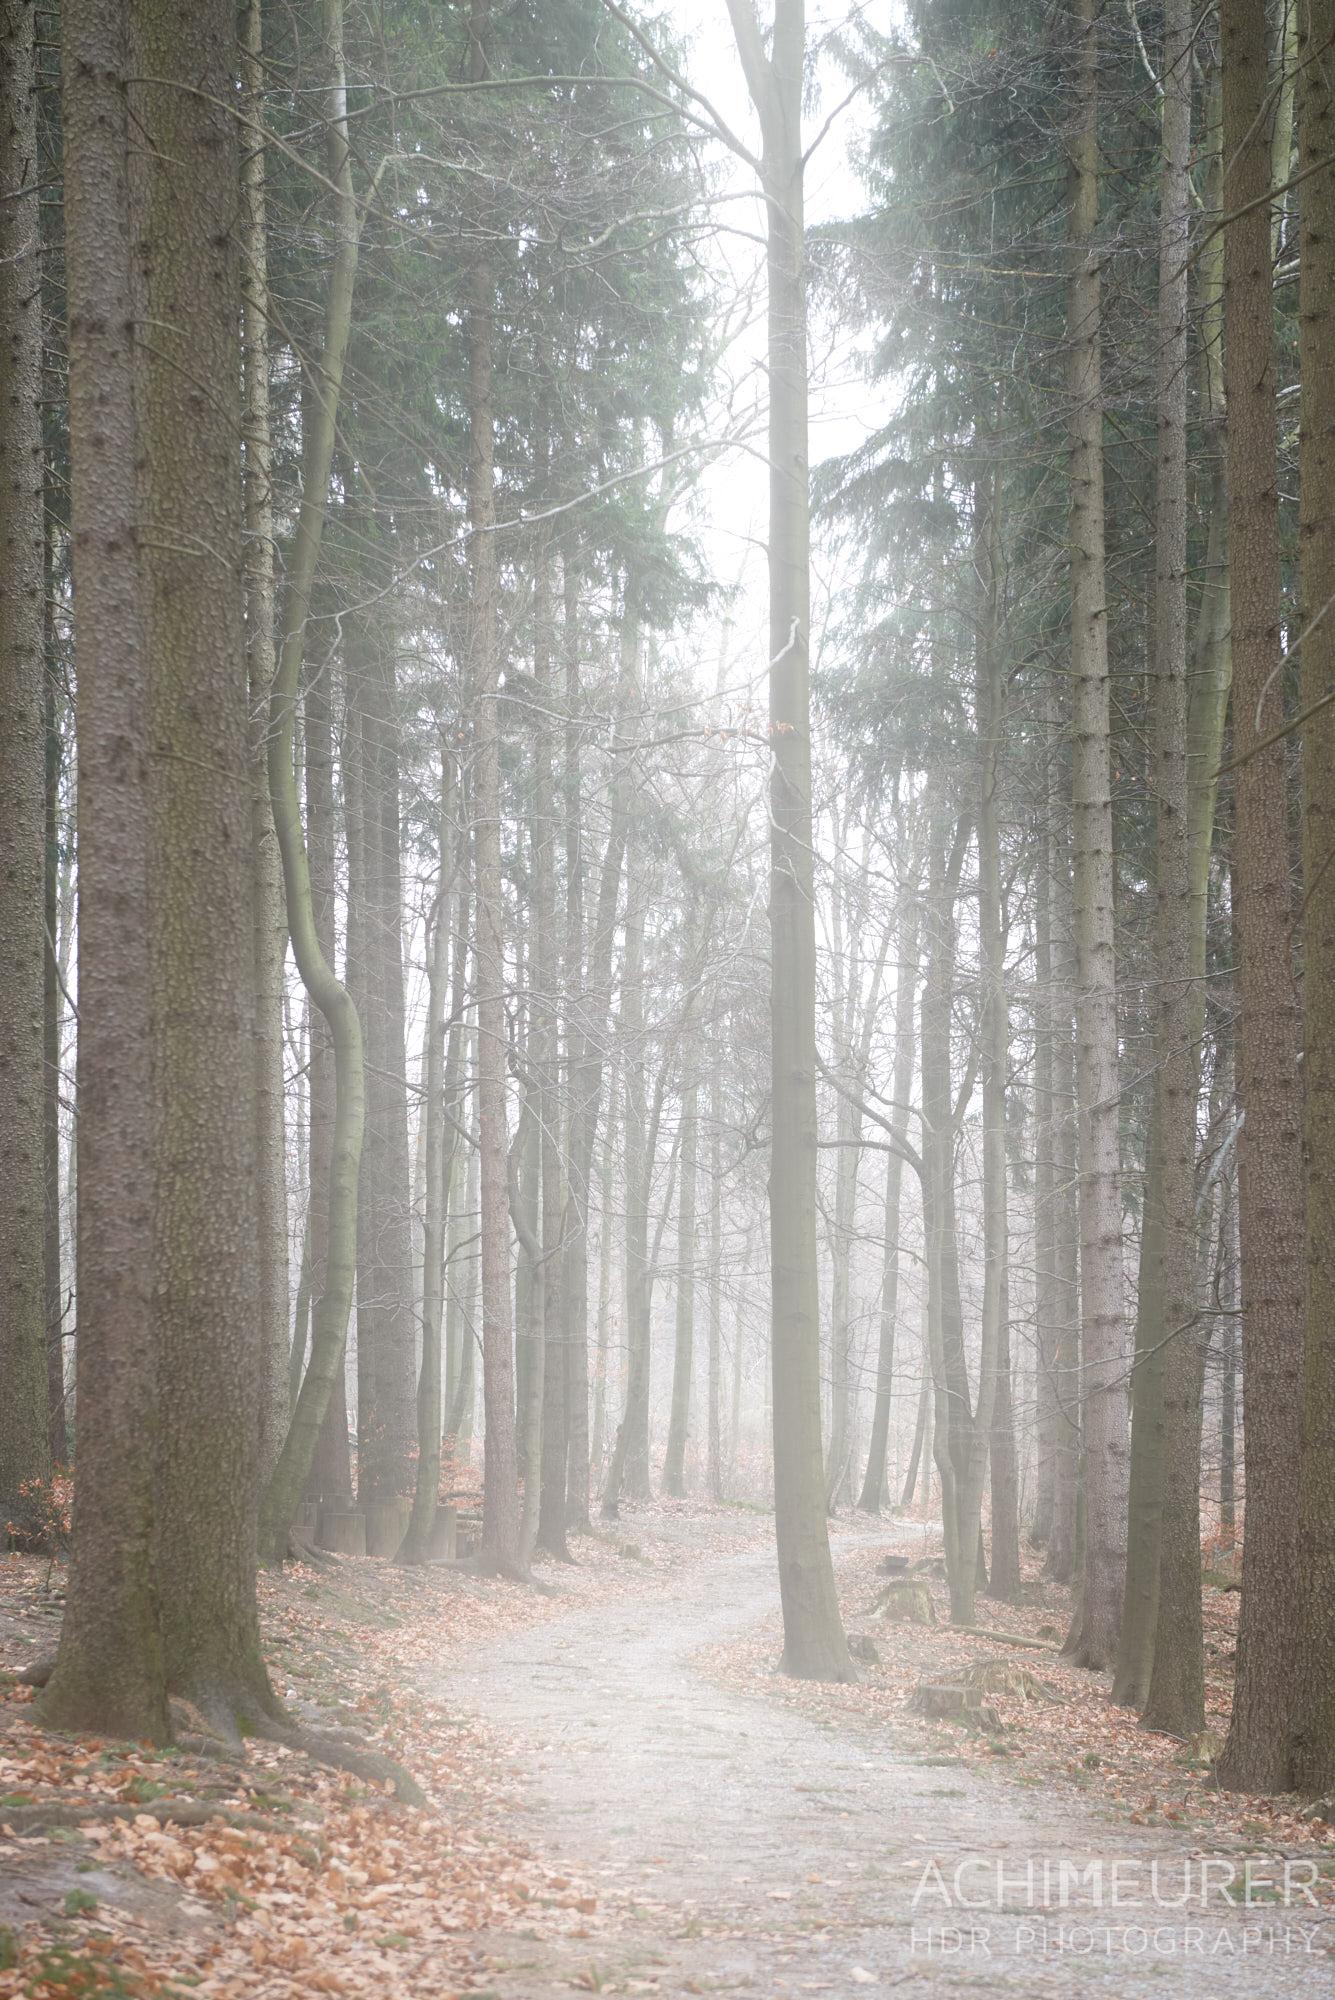 Mystische Nebelstimmung im Wald, Sächsische Schweiz by AchimMeurer.com.